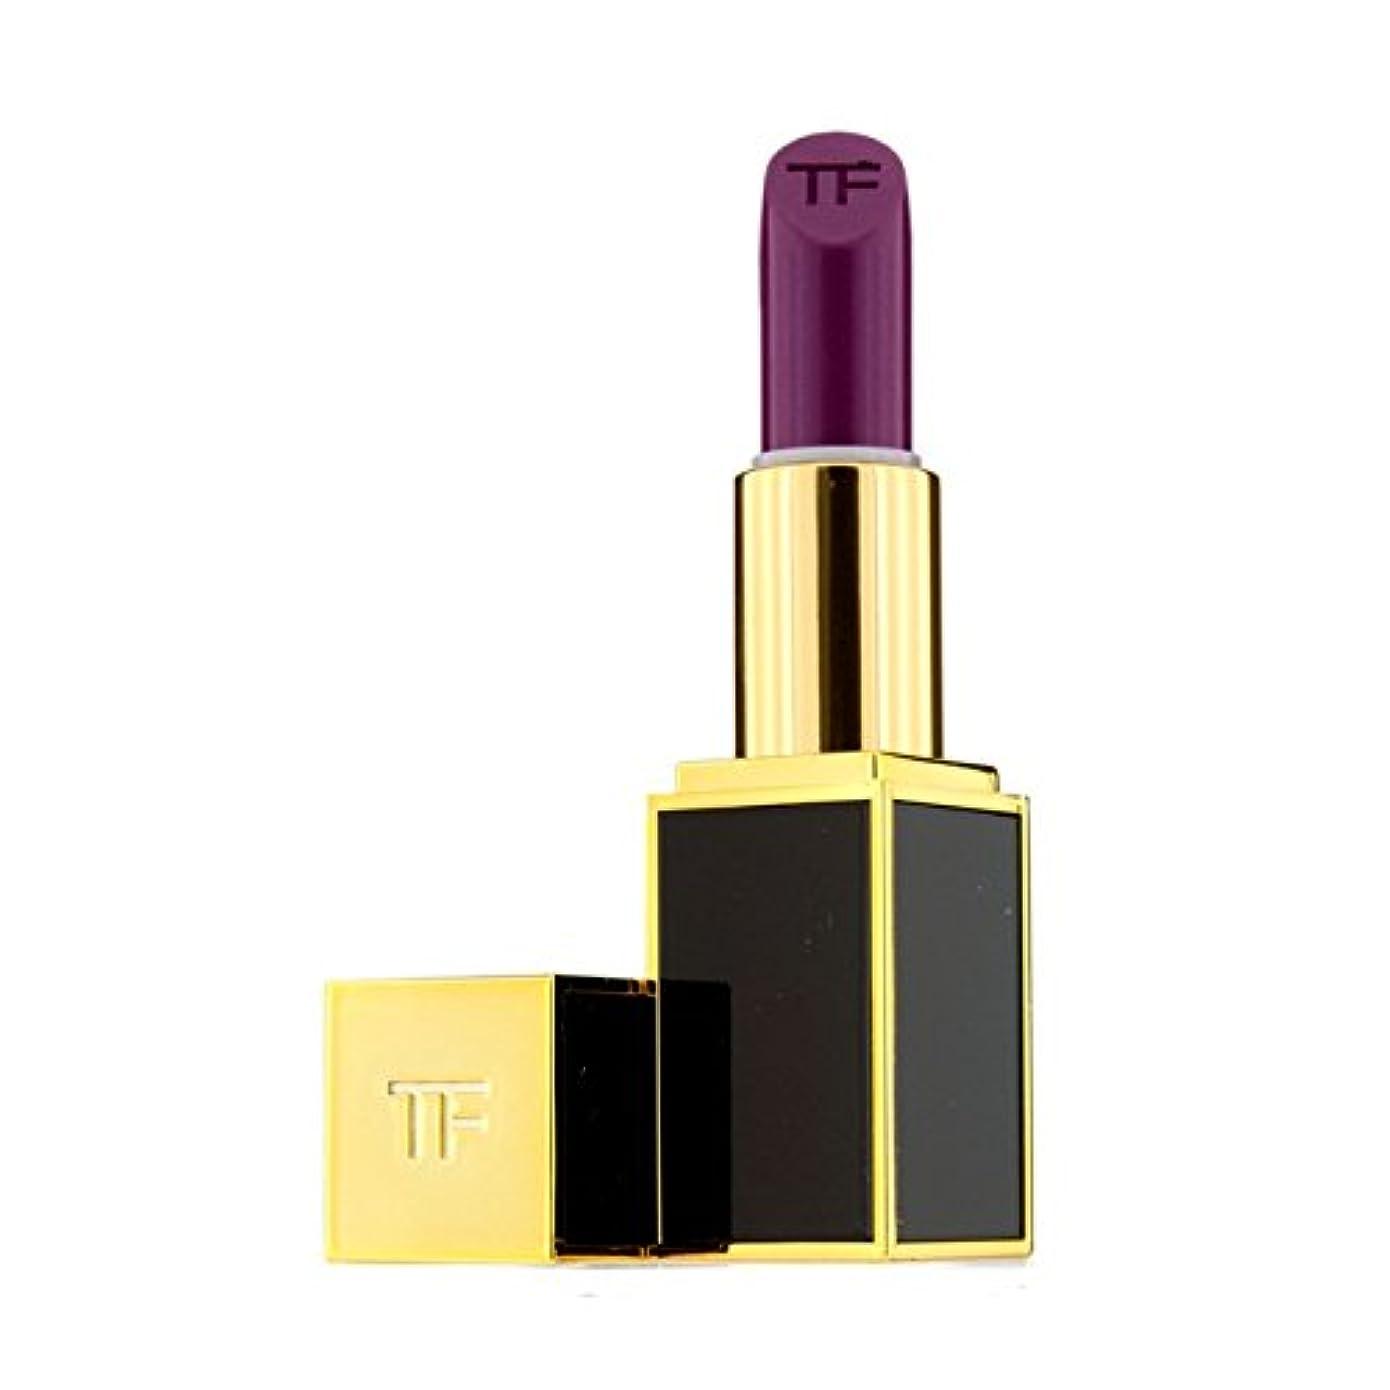 ひもそのような火薬トム フォード リップカラー - # 17 Violet Fatale 3g/0.1oz並行輸入品